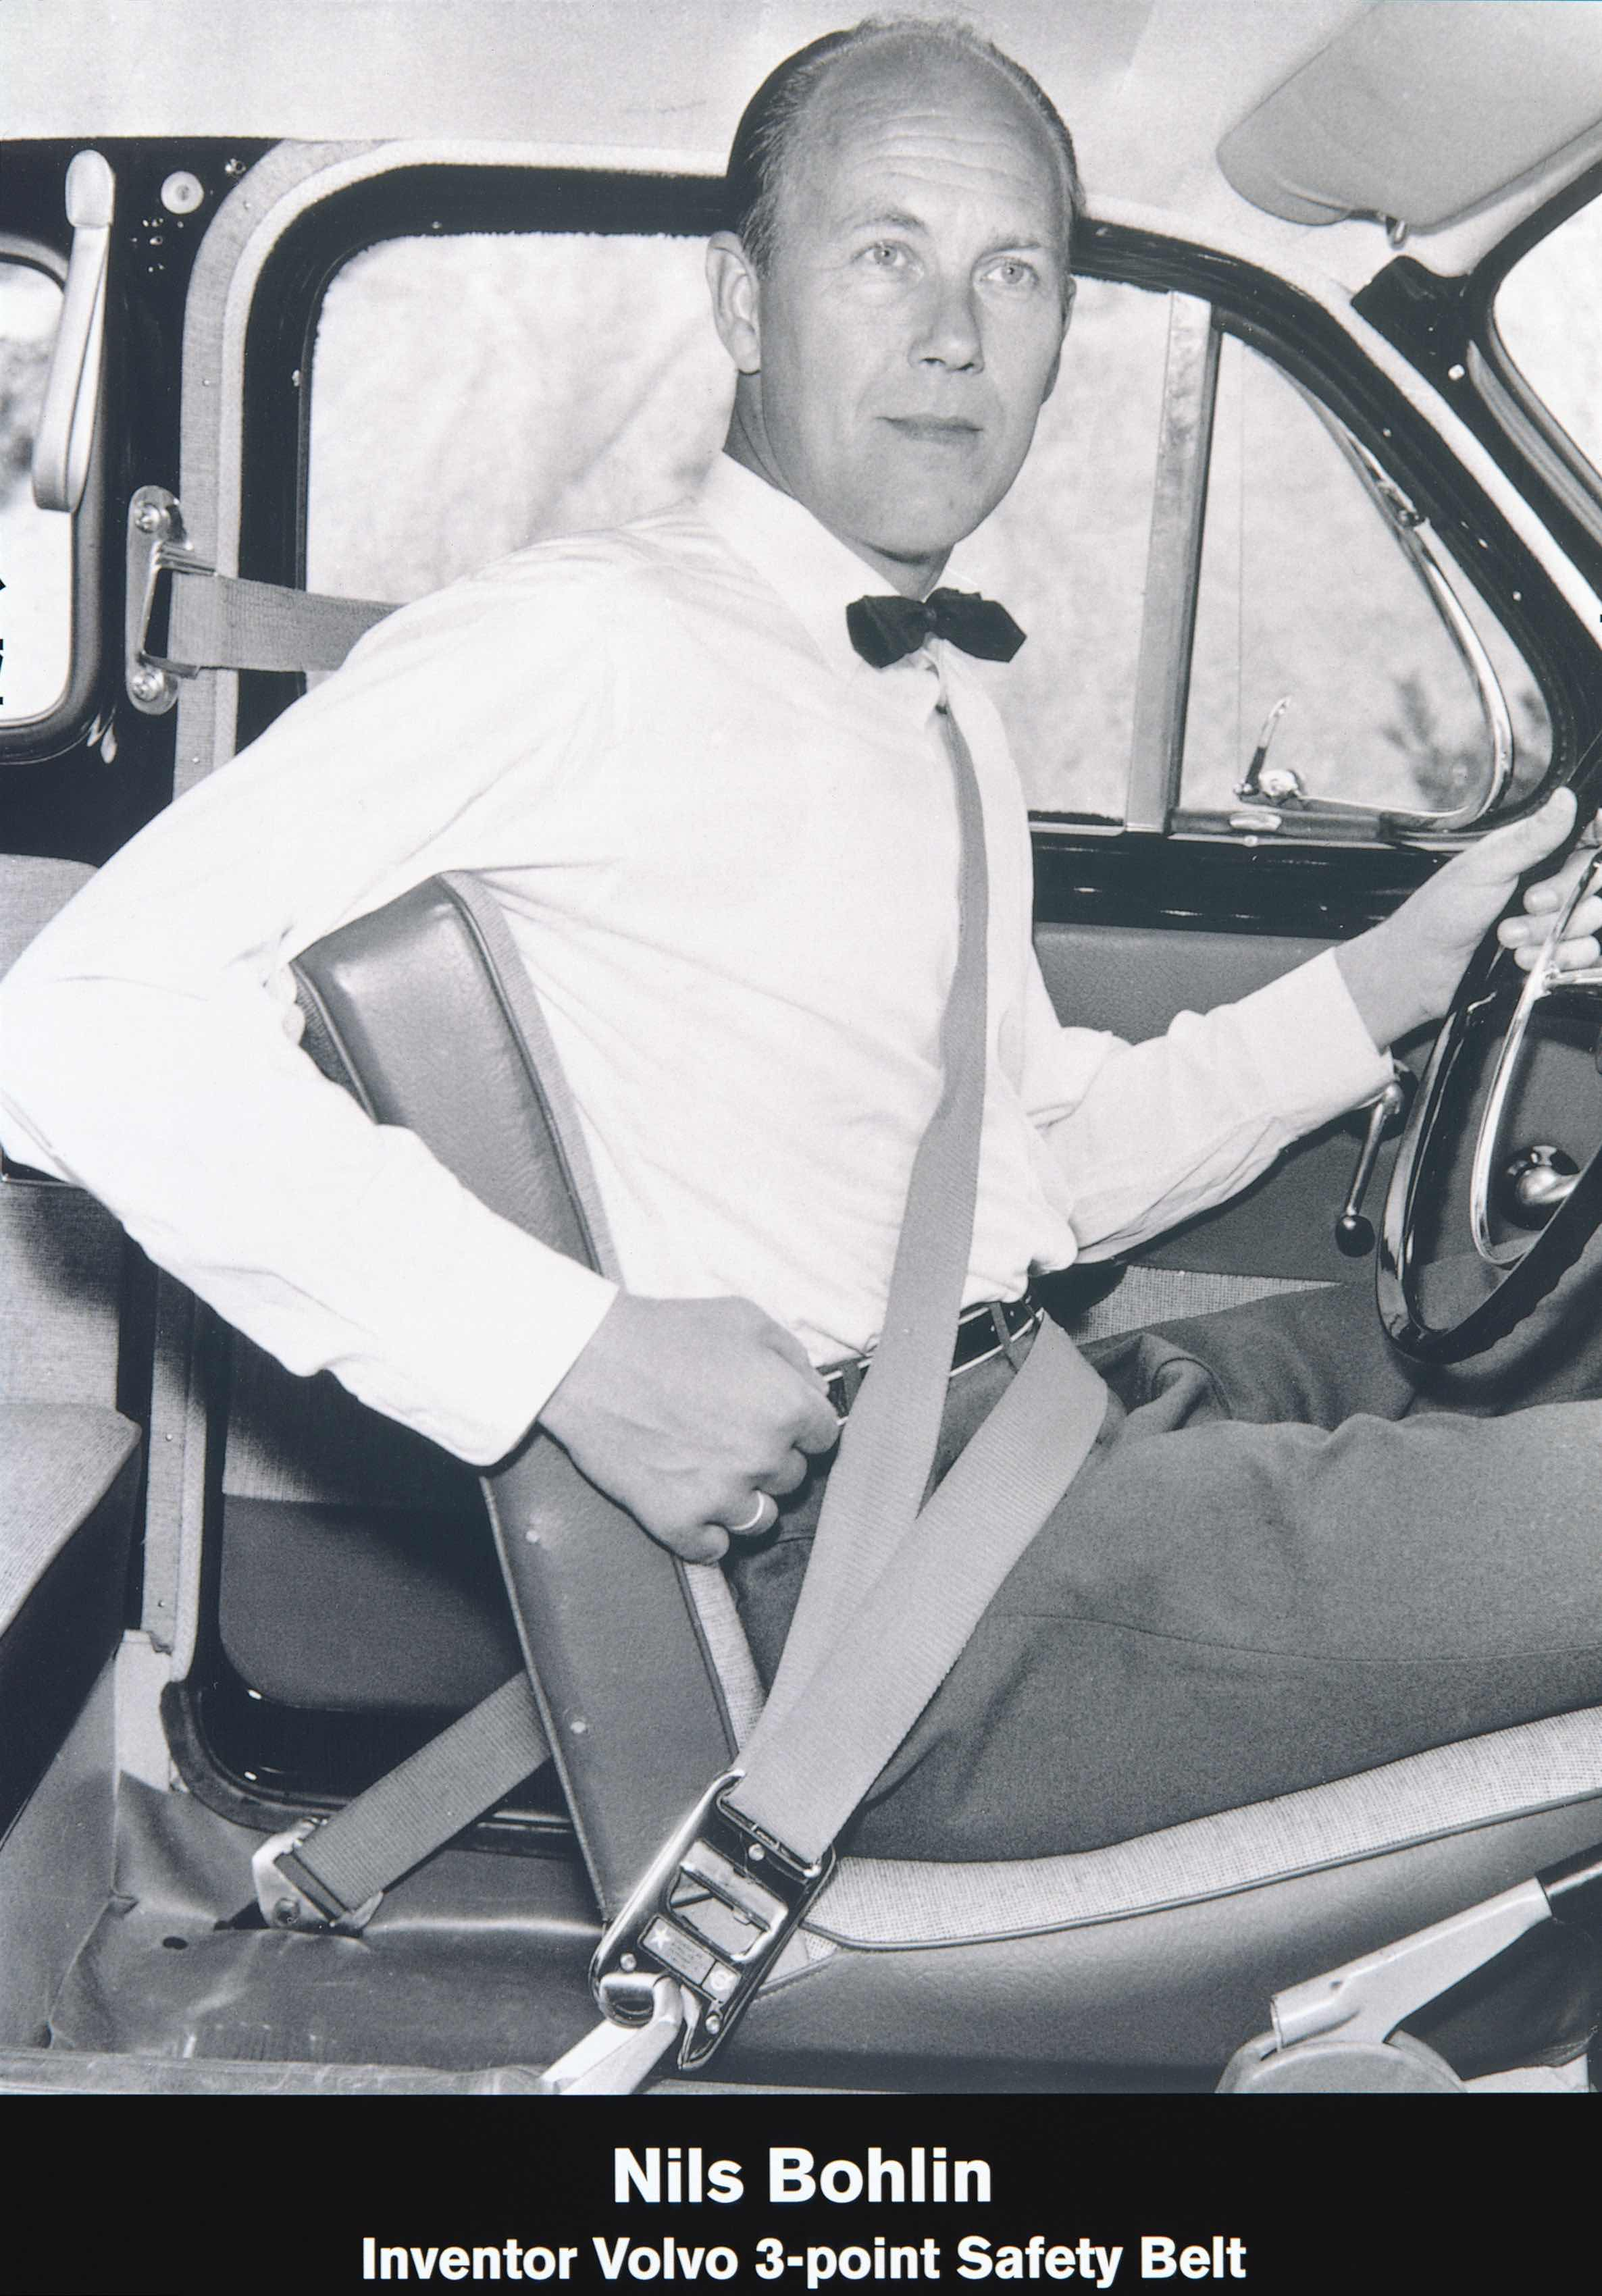 Volvo Nils Bohlin 1959 Seat Belt